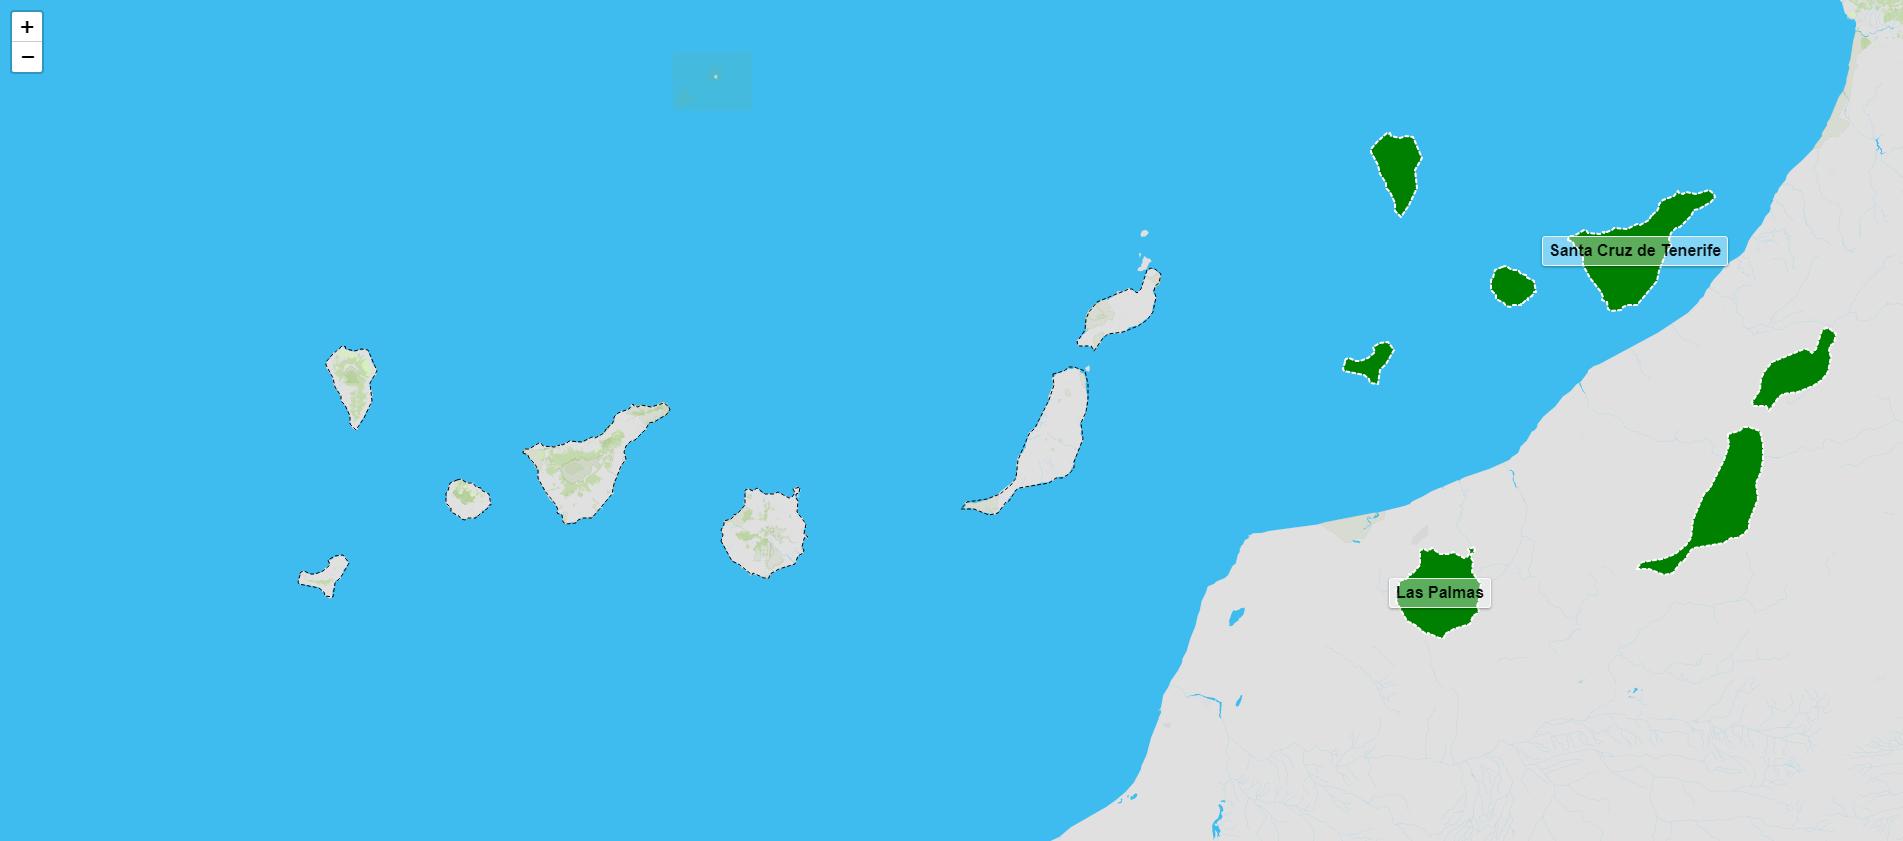 Provincias das Illas Canarias